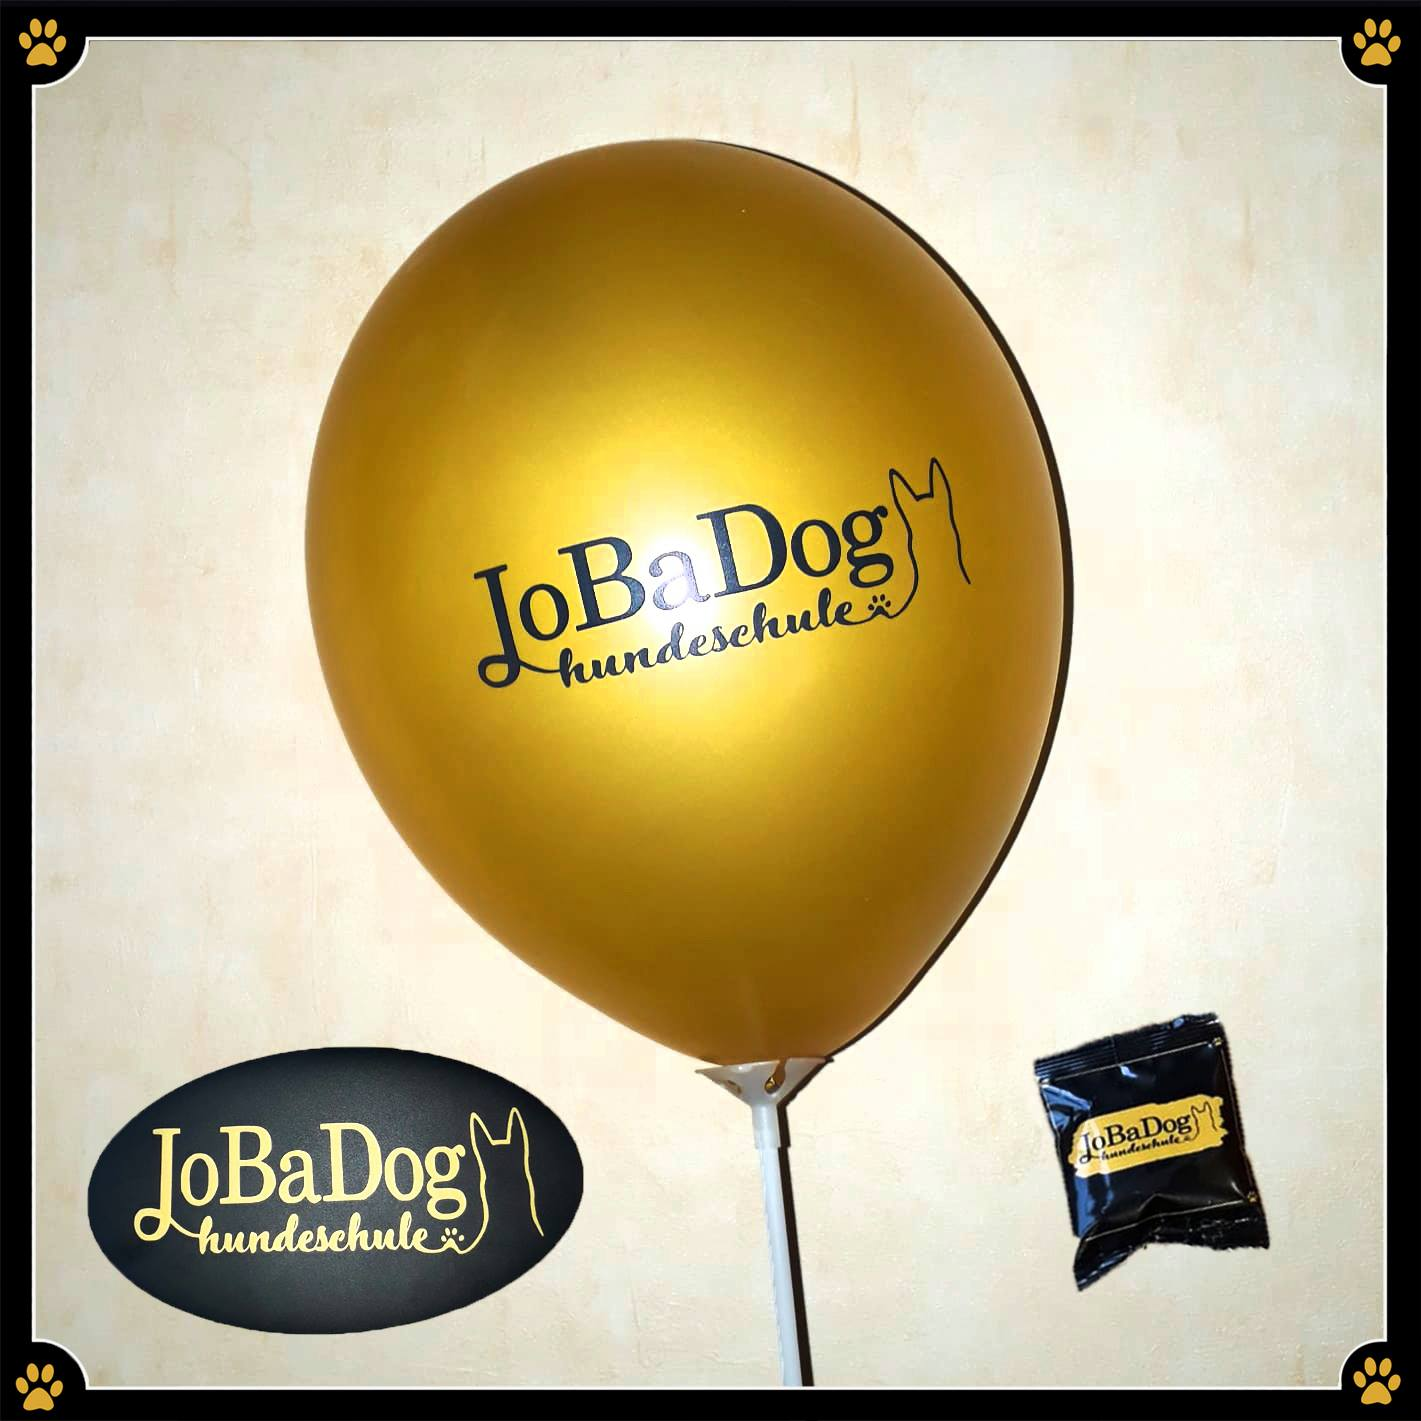 Grüne Woche - Mit Feuereifer dem Event entgegen. 🎉Bei JoBaDog wird kreiert, trainiert und organisiert. Pünktlich treffen nach und nach die bestellten Goodies ein, die Hundeschüler sprudeln vor Ideen, die Wauzis überraschen mit ganz neuen Talenten – alle arbeiten mit irre viel Spaß an unserem Ziel: Eine tolle Show auf der Grünen Woche. 🌿Wir hoffen, der Spaß wird ansteckend sein und ihr habt mit uns eine tolle Zeit. 💛 Ihr könnt uns am Sa 19.01., So 20.01. und Sa 26.01. dort antreffen. Wir freuen uns auf Euch! 😊🐾